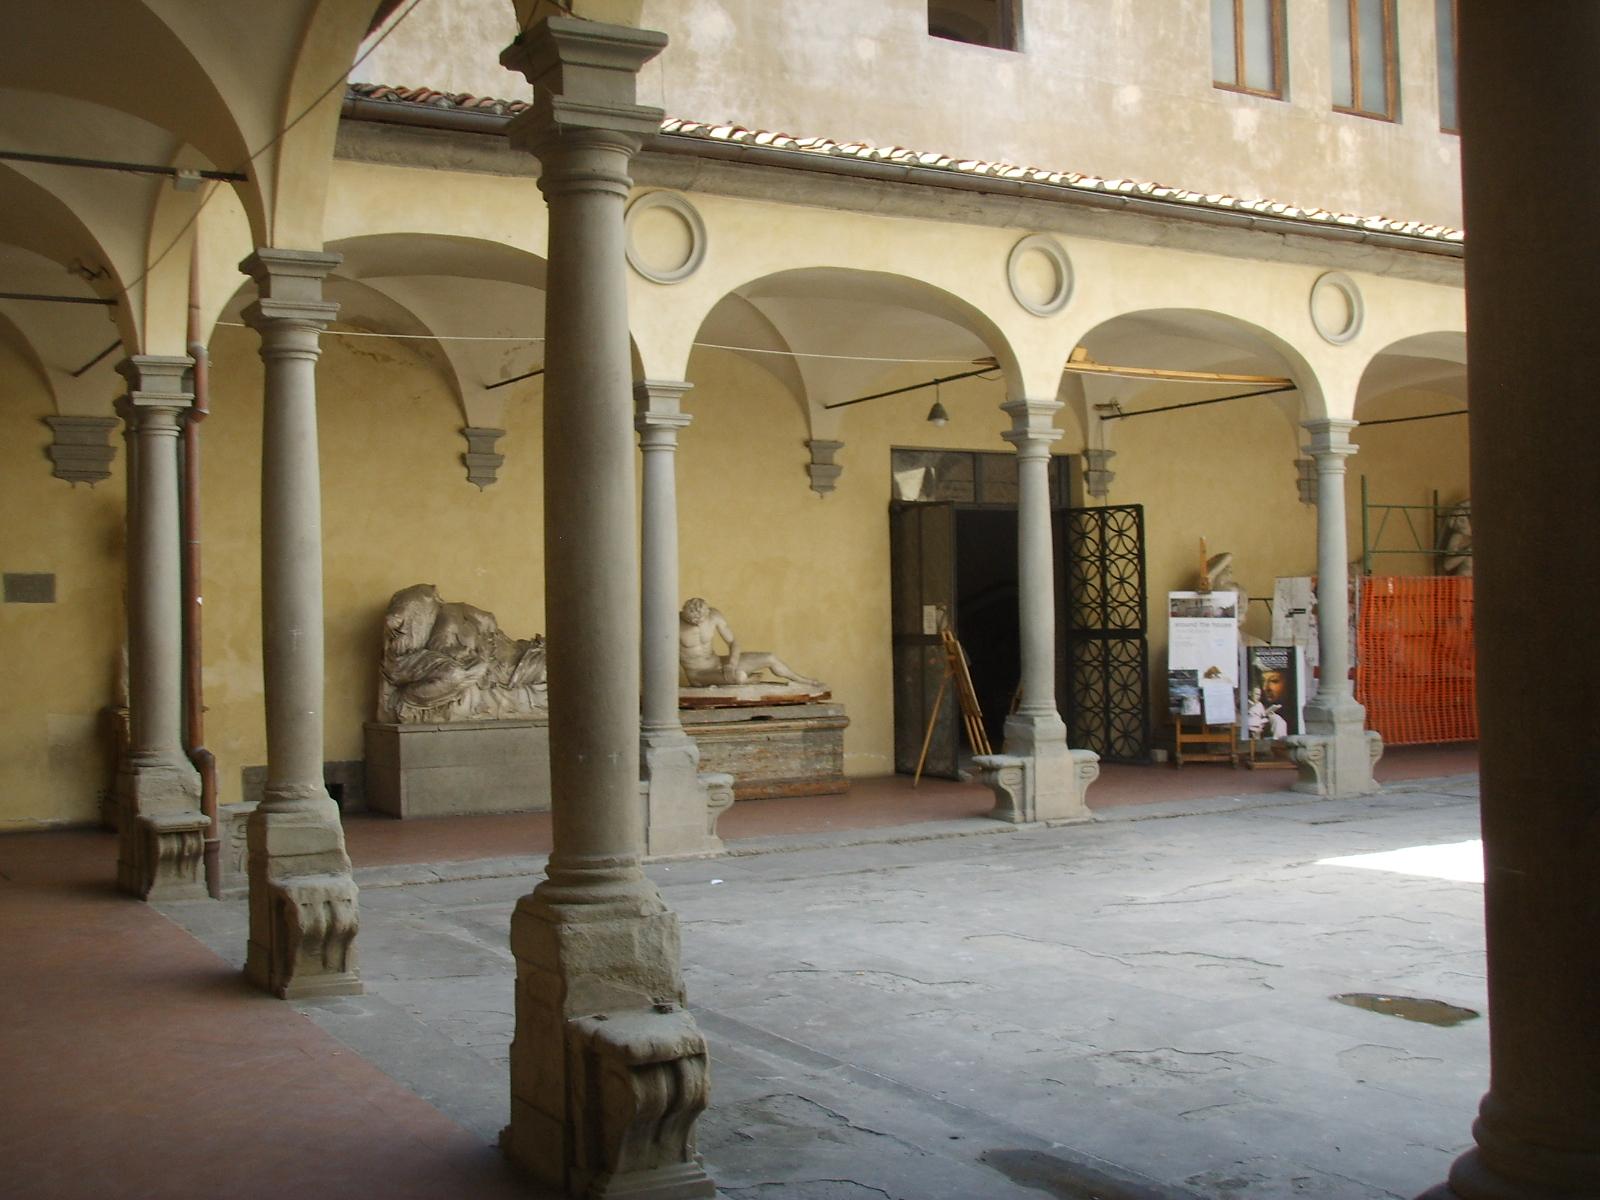 Fileaccademia di belle arti cortile 01g wikimedia commons fileaccademia di belle arti cortile 01g sciox Image collections